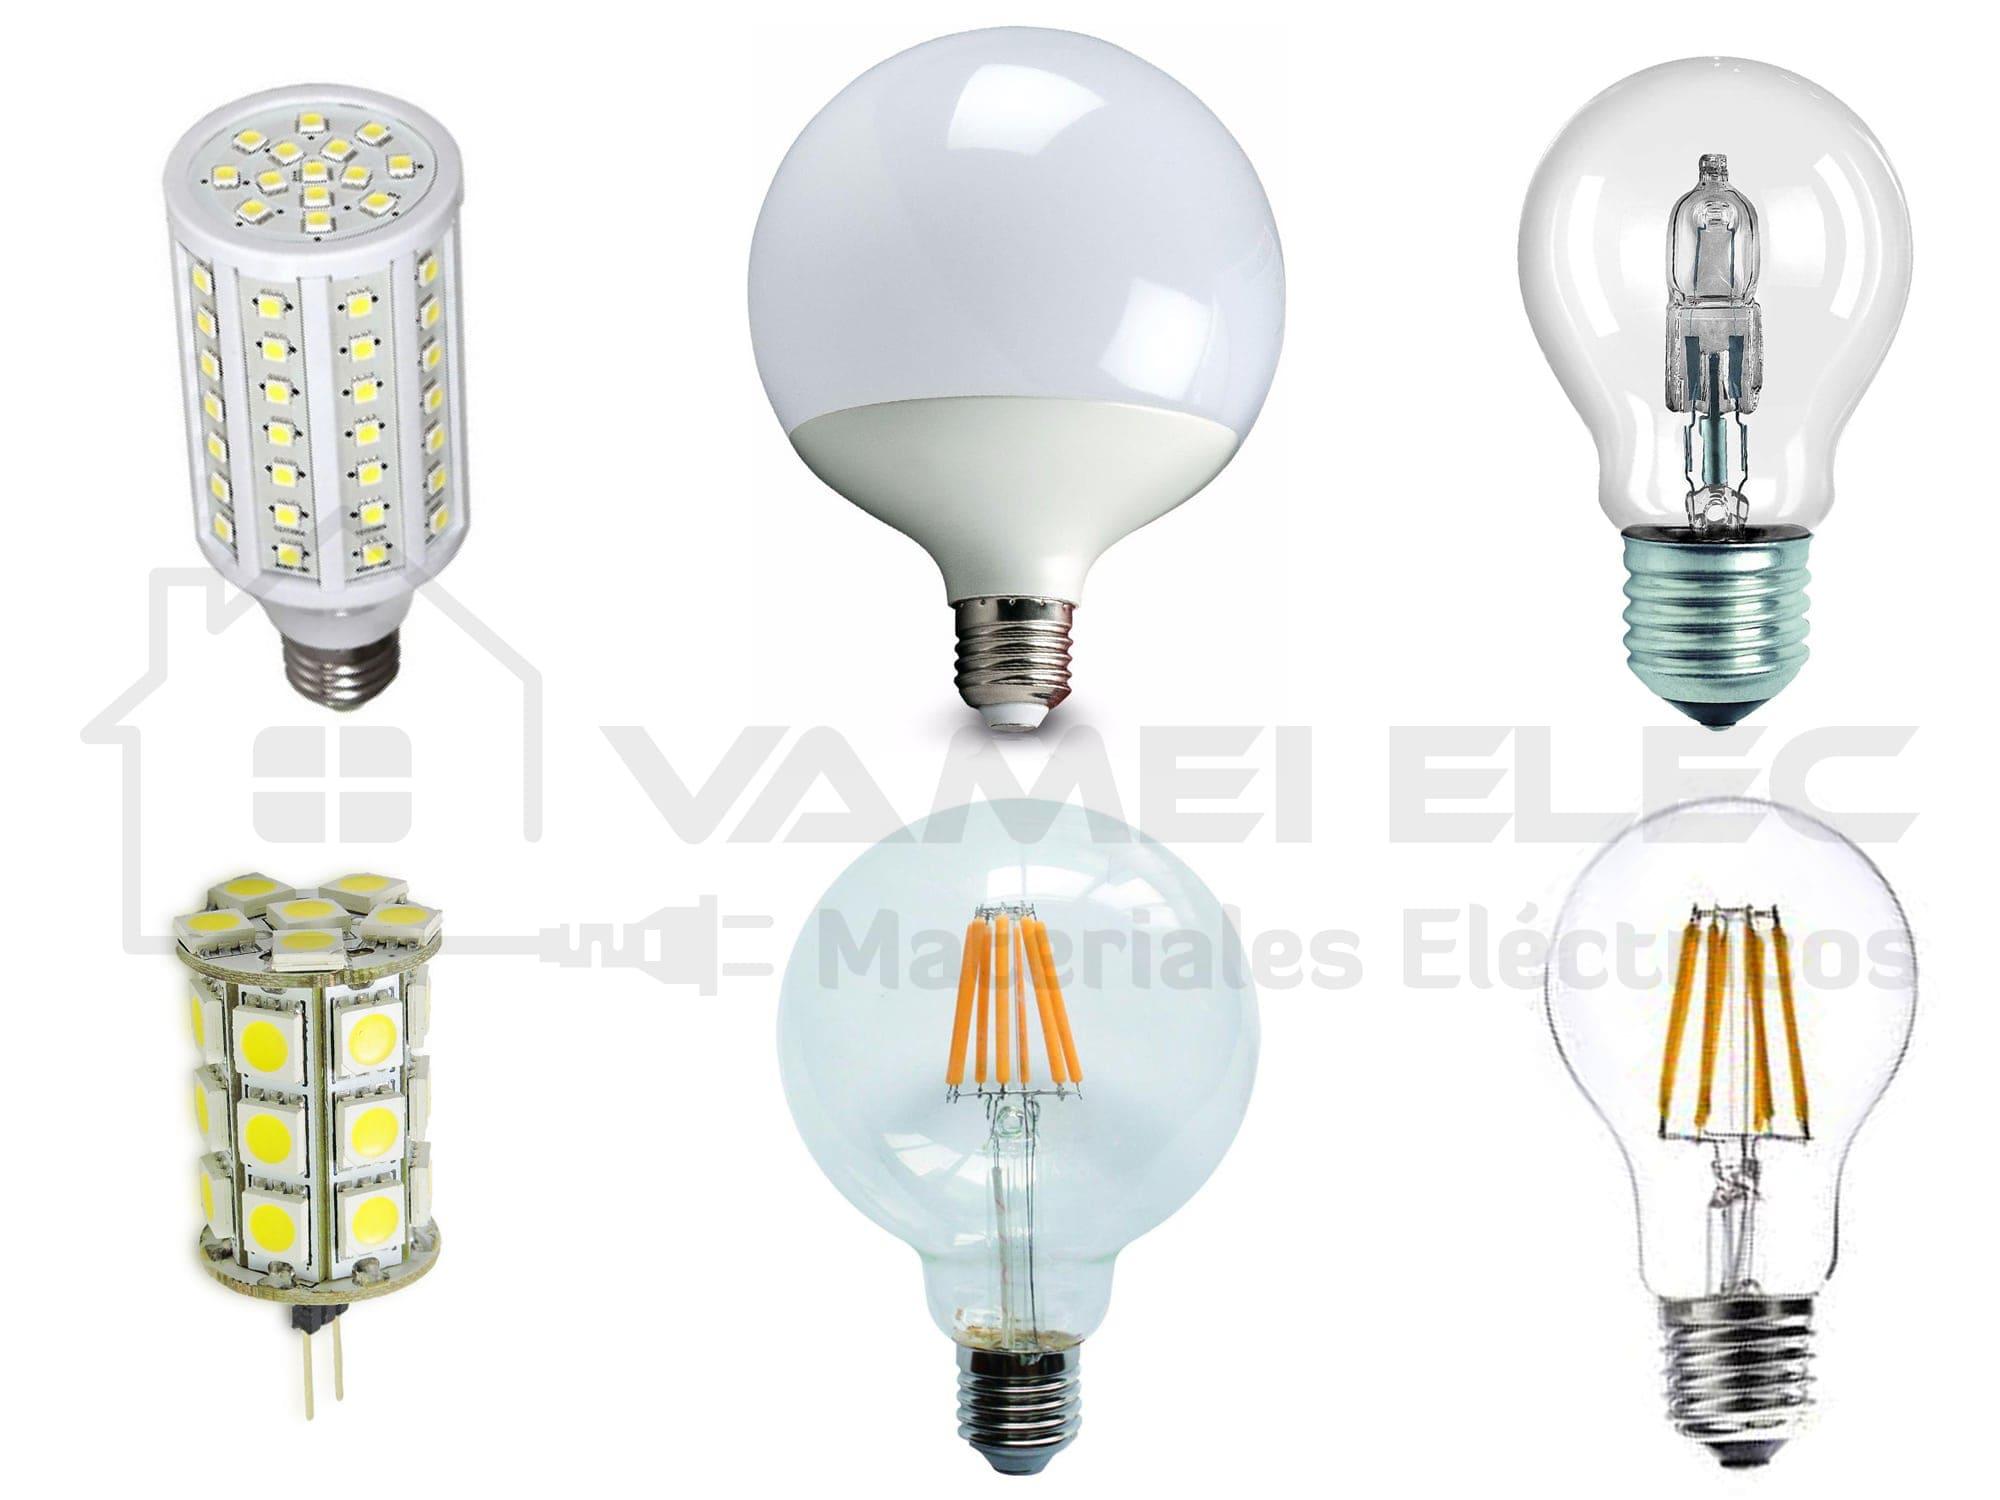 VAMEI Elec - Lámparas Lámparas